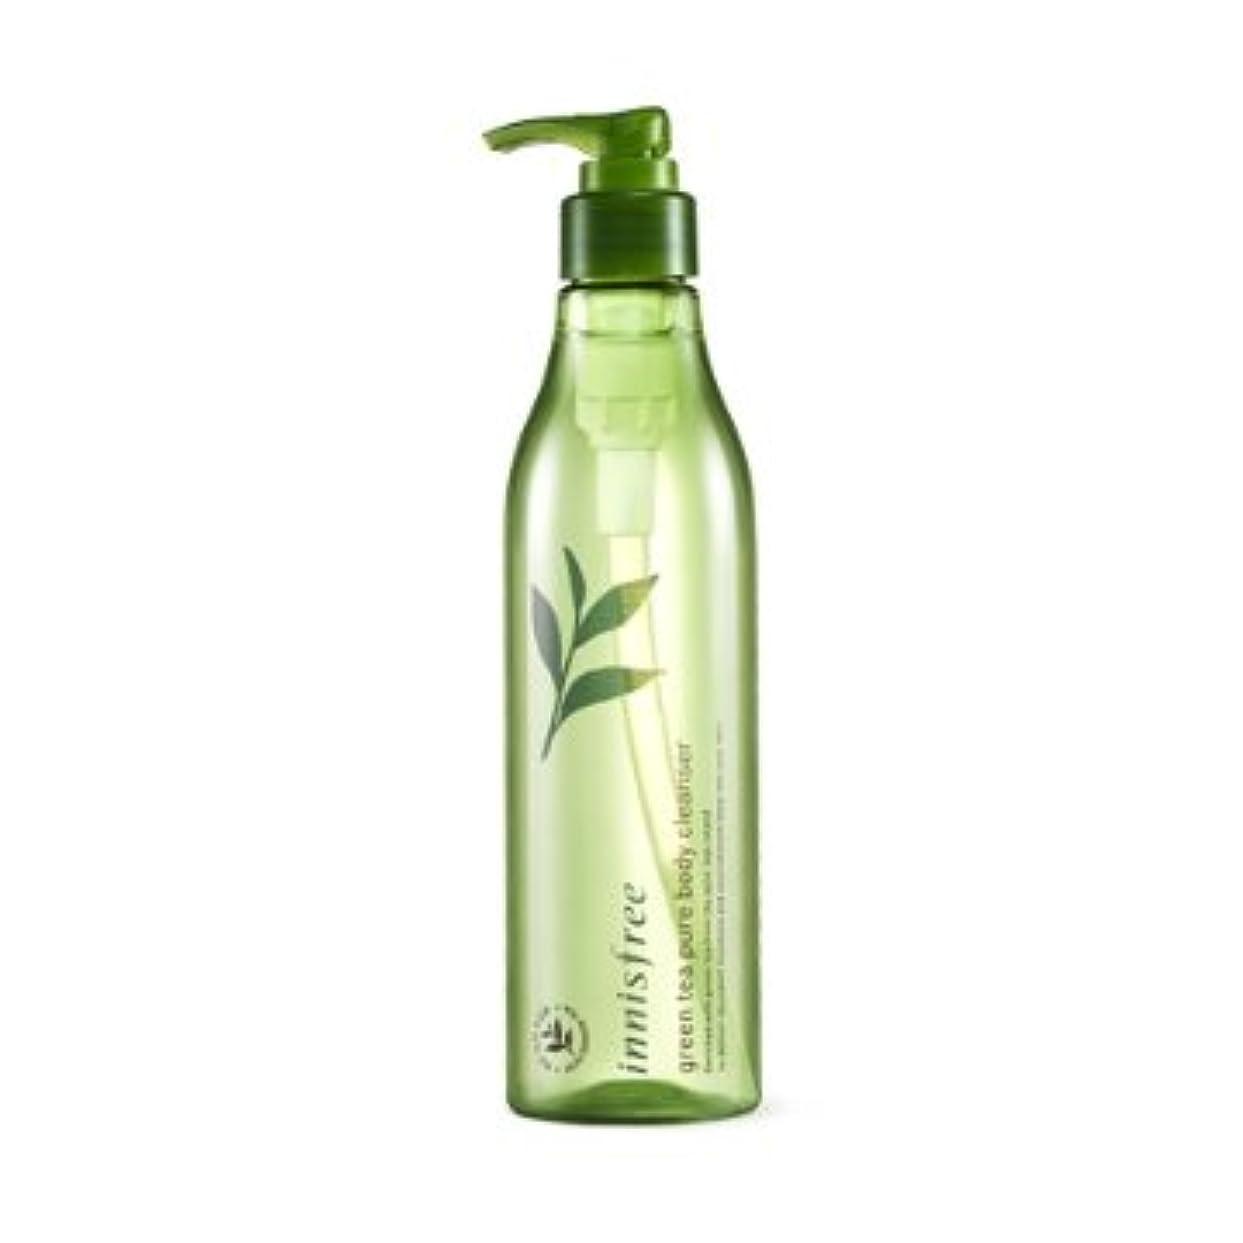 良さシャツアイドル【イニスフリー】Innisfree green tea pure body cleanser - 300ml (韓国直送品) (SHOPPINGINSTAGRAM)